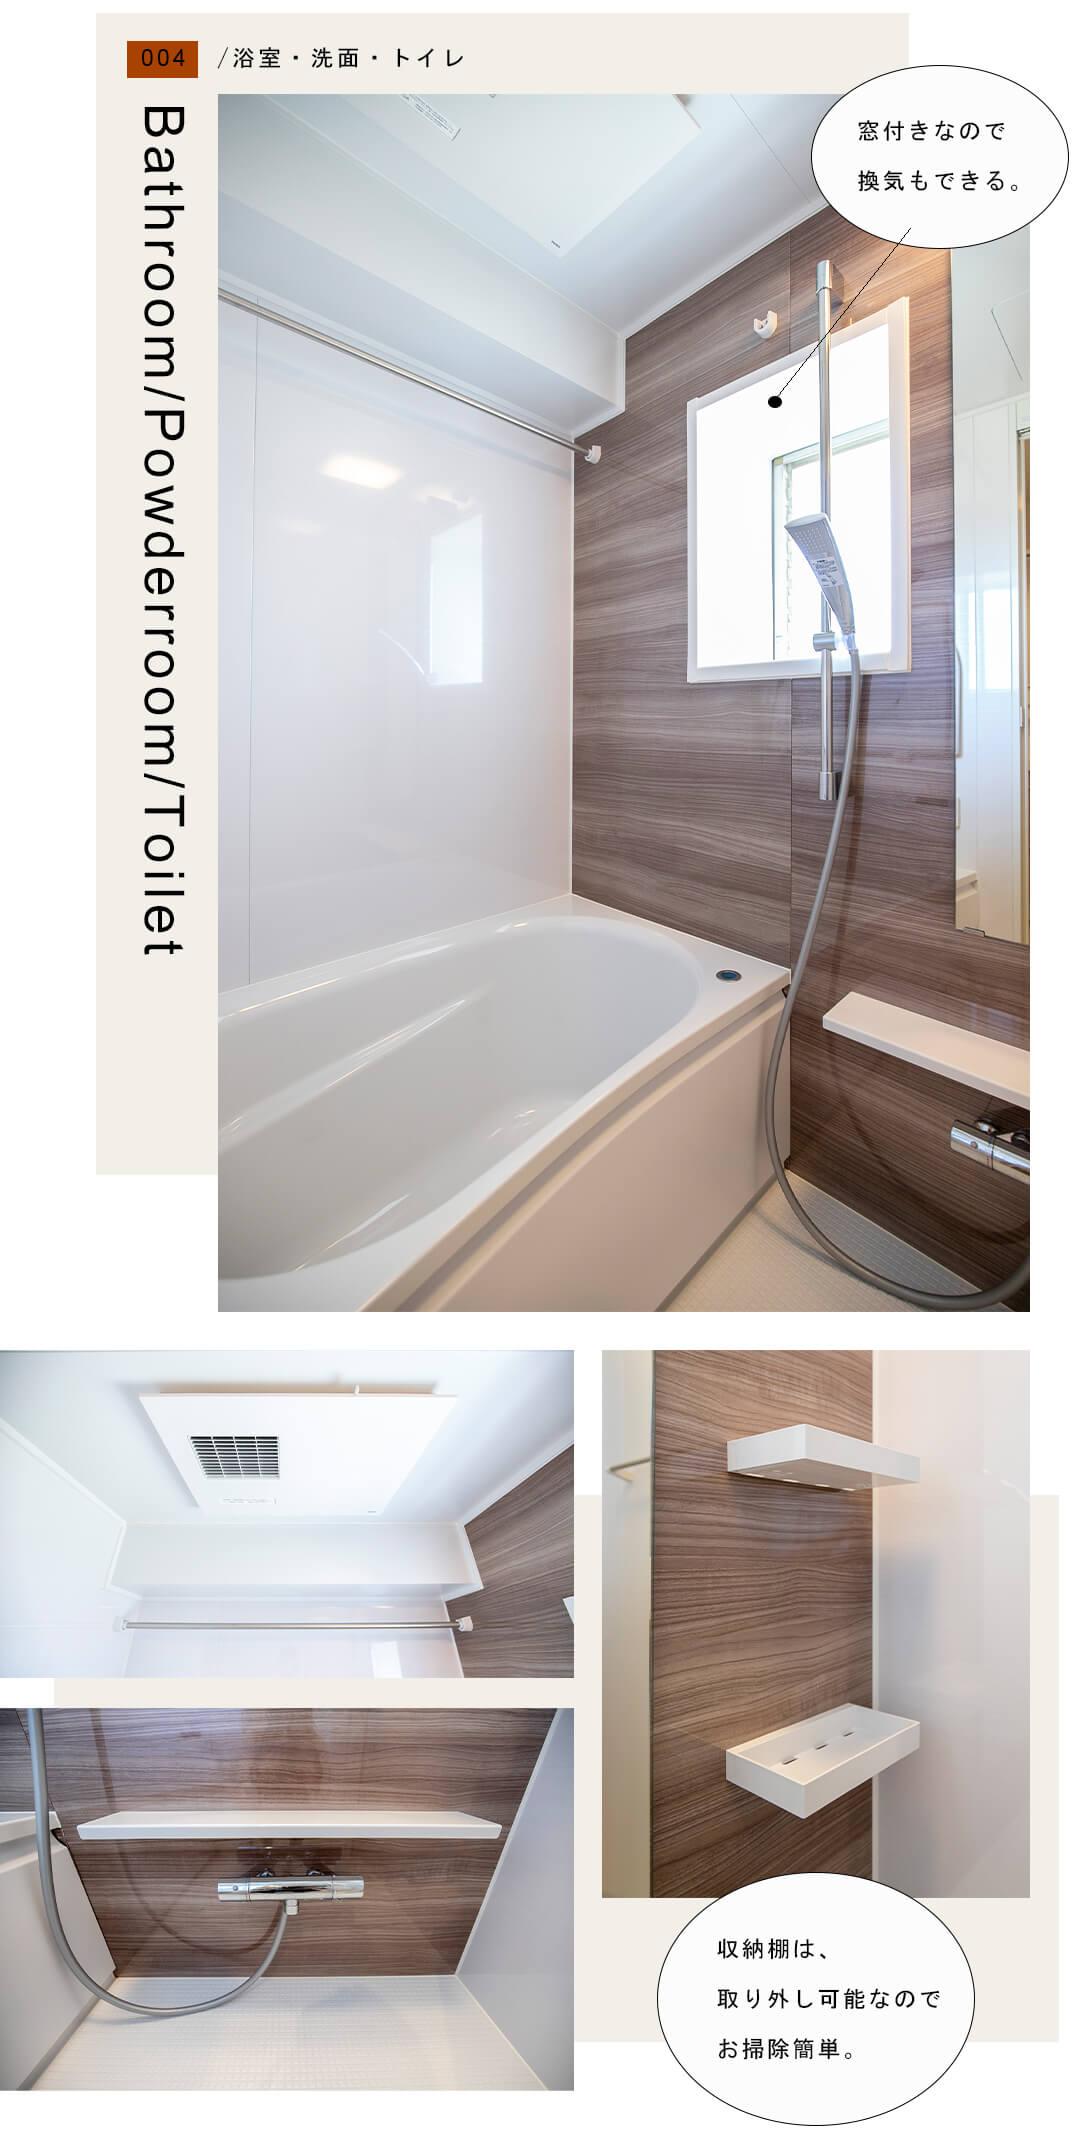 ベルハイム弦巻の浴室